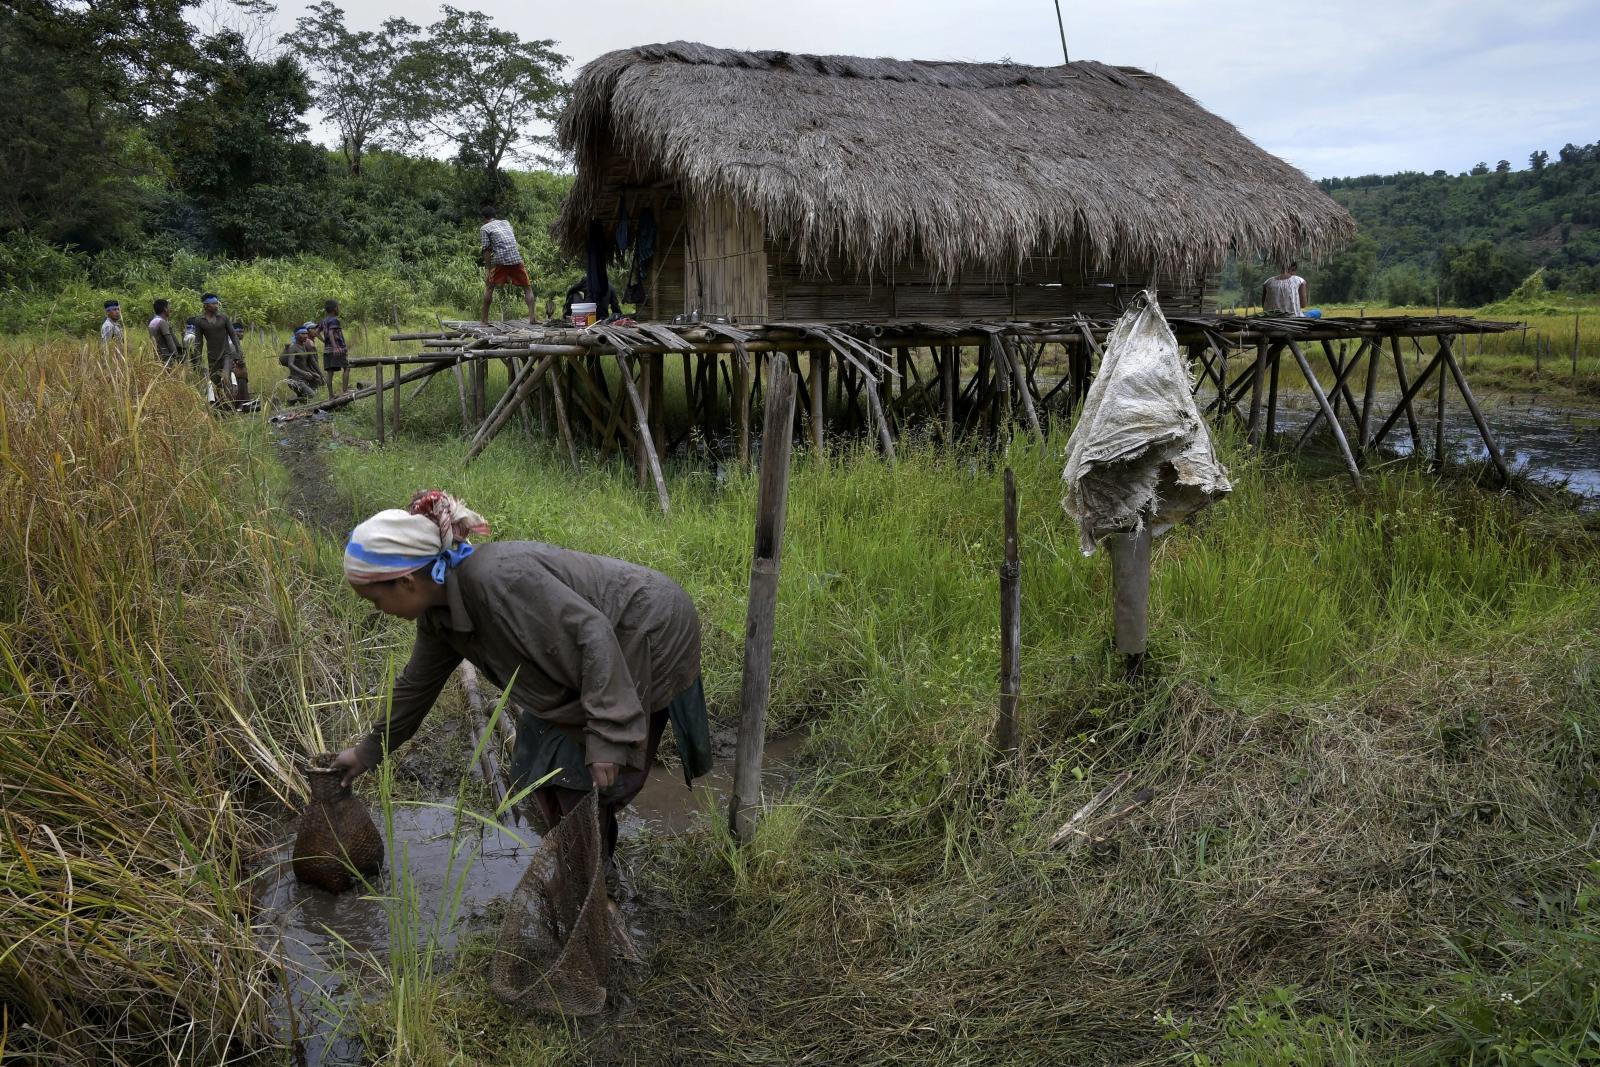 Kobieta z plemienia Tawi czyści sieci po połowie, Indie.